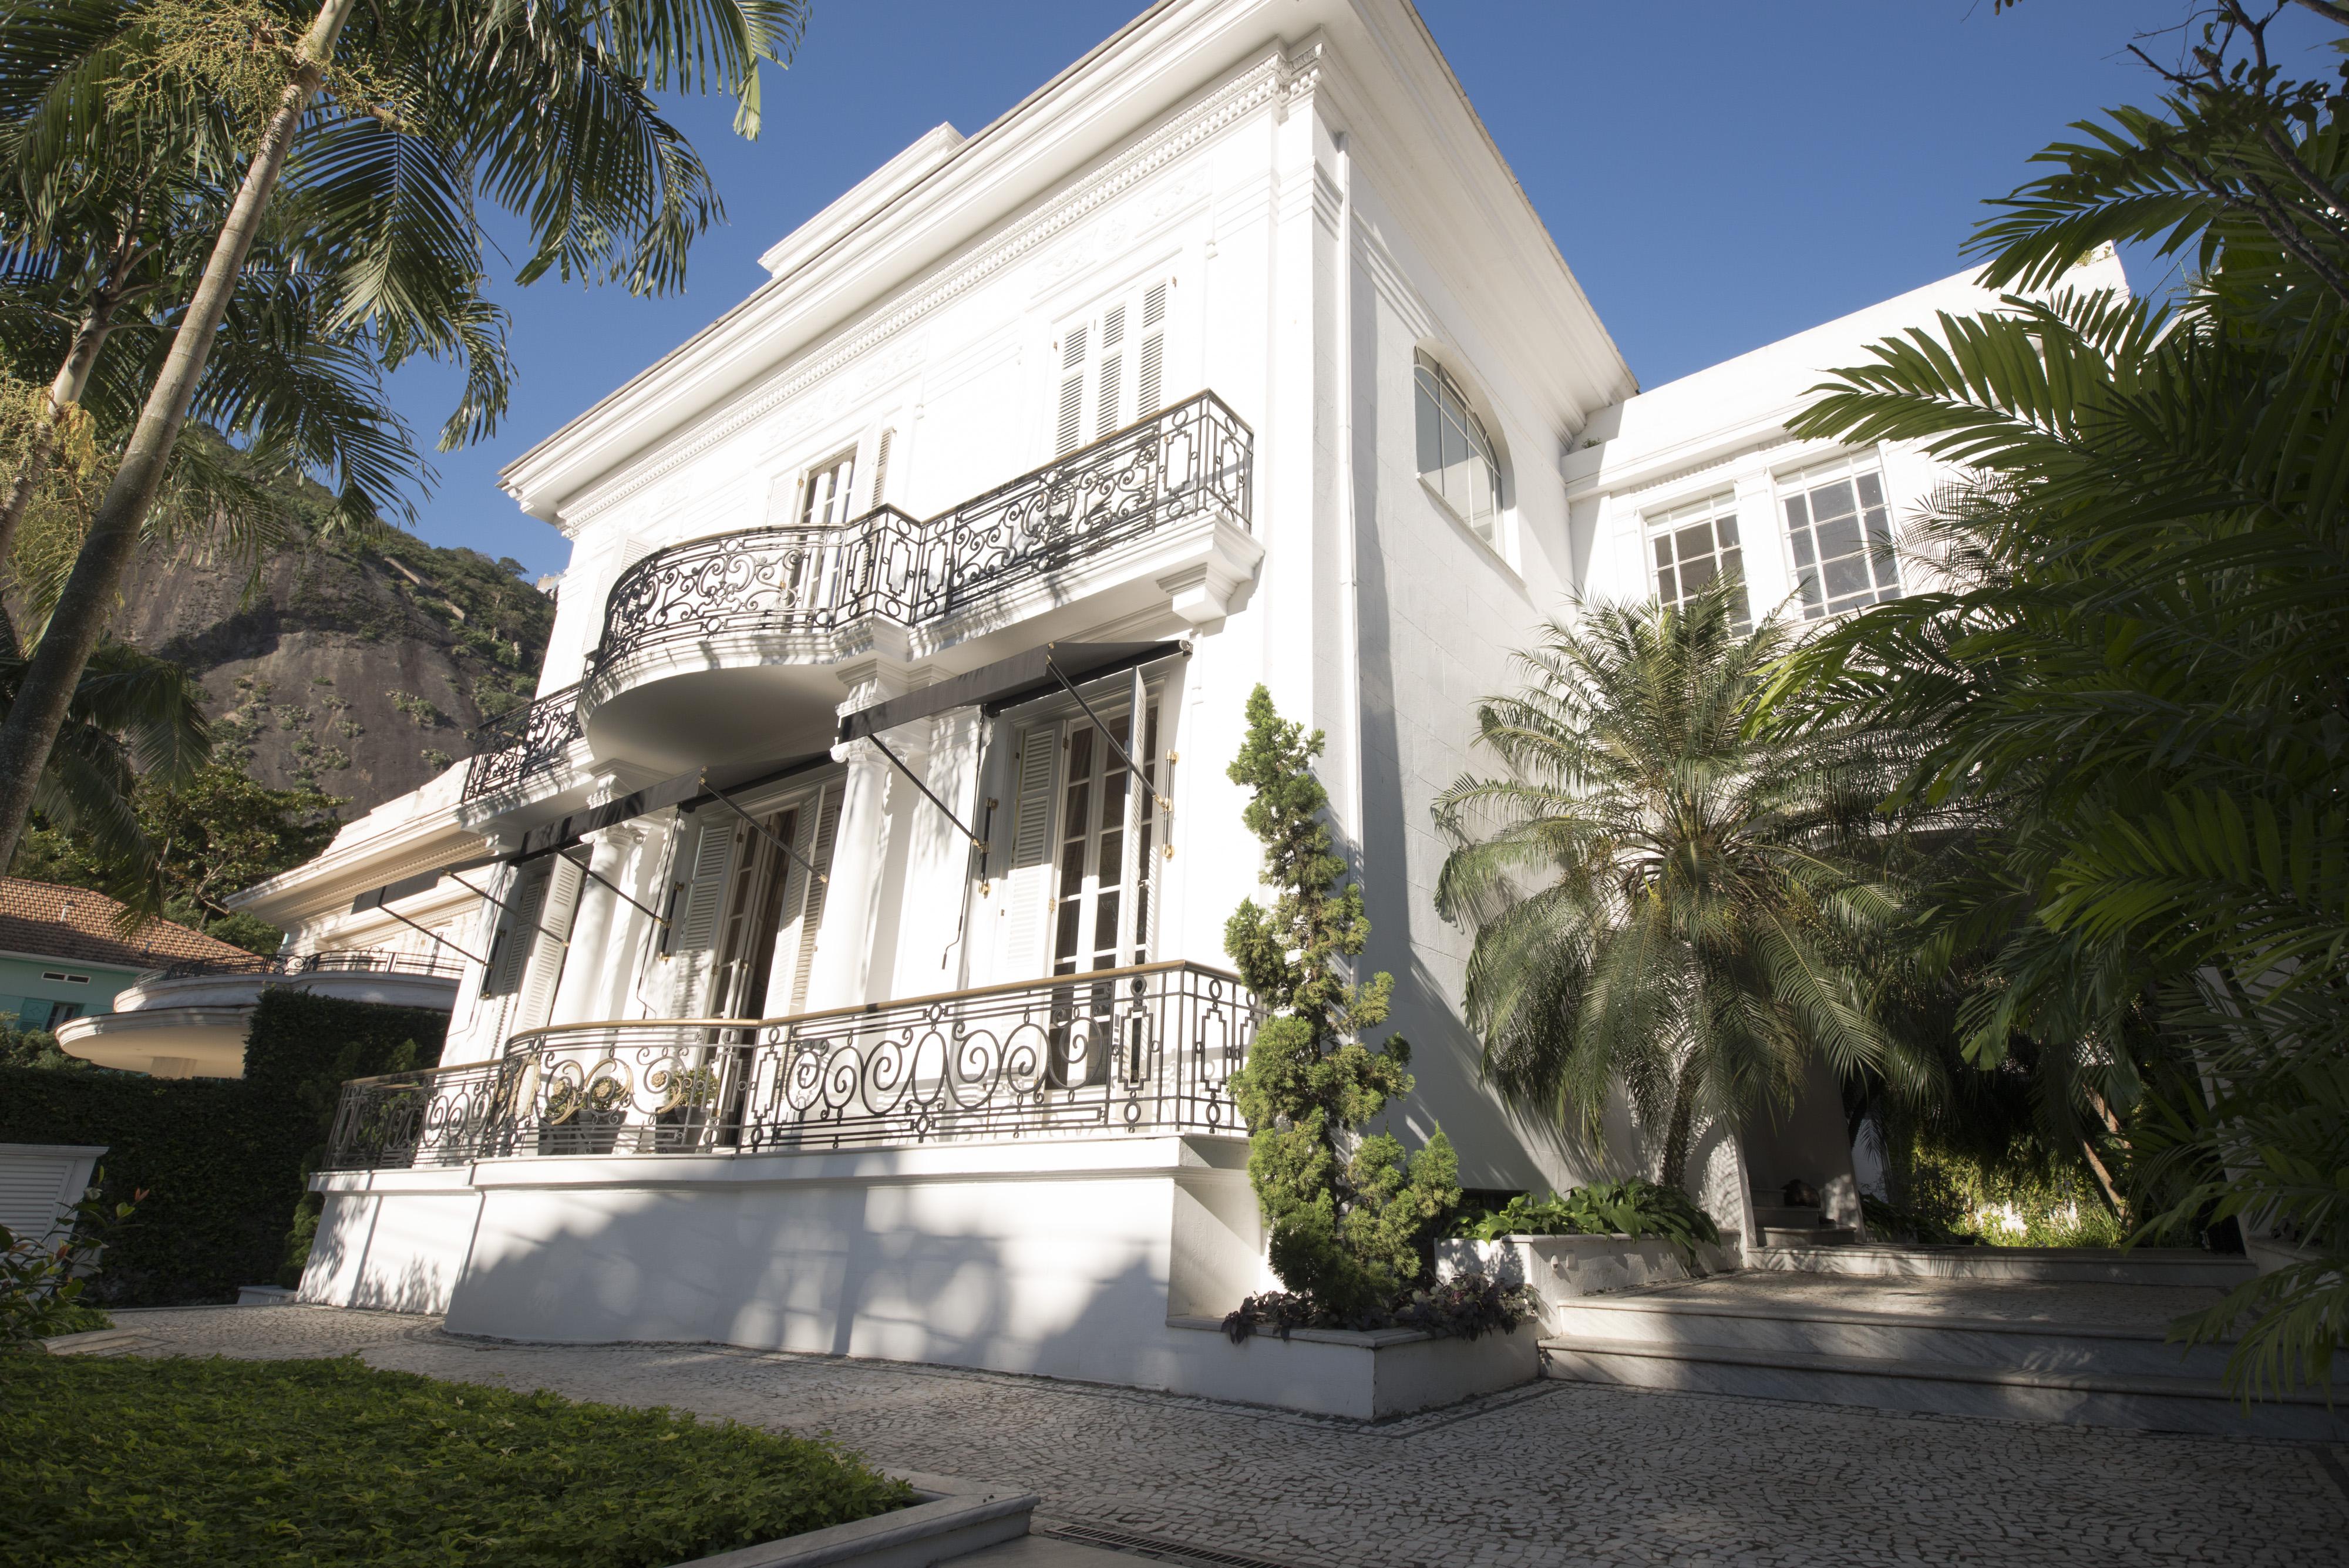 Частный односемейный дом для того Продажа на XX Centruy Mansion Rua Urbano Santos Rio De Janeiro, Рио-Де-Жанейро, 22290260 Бразилия